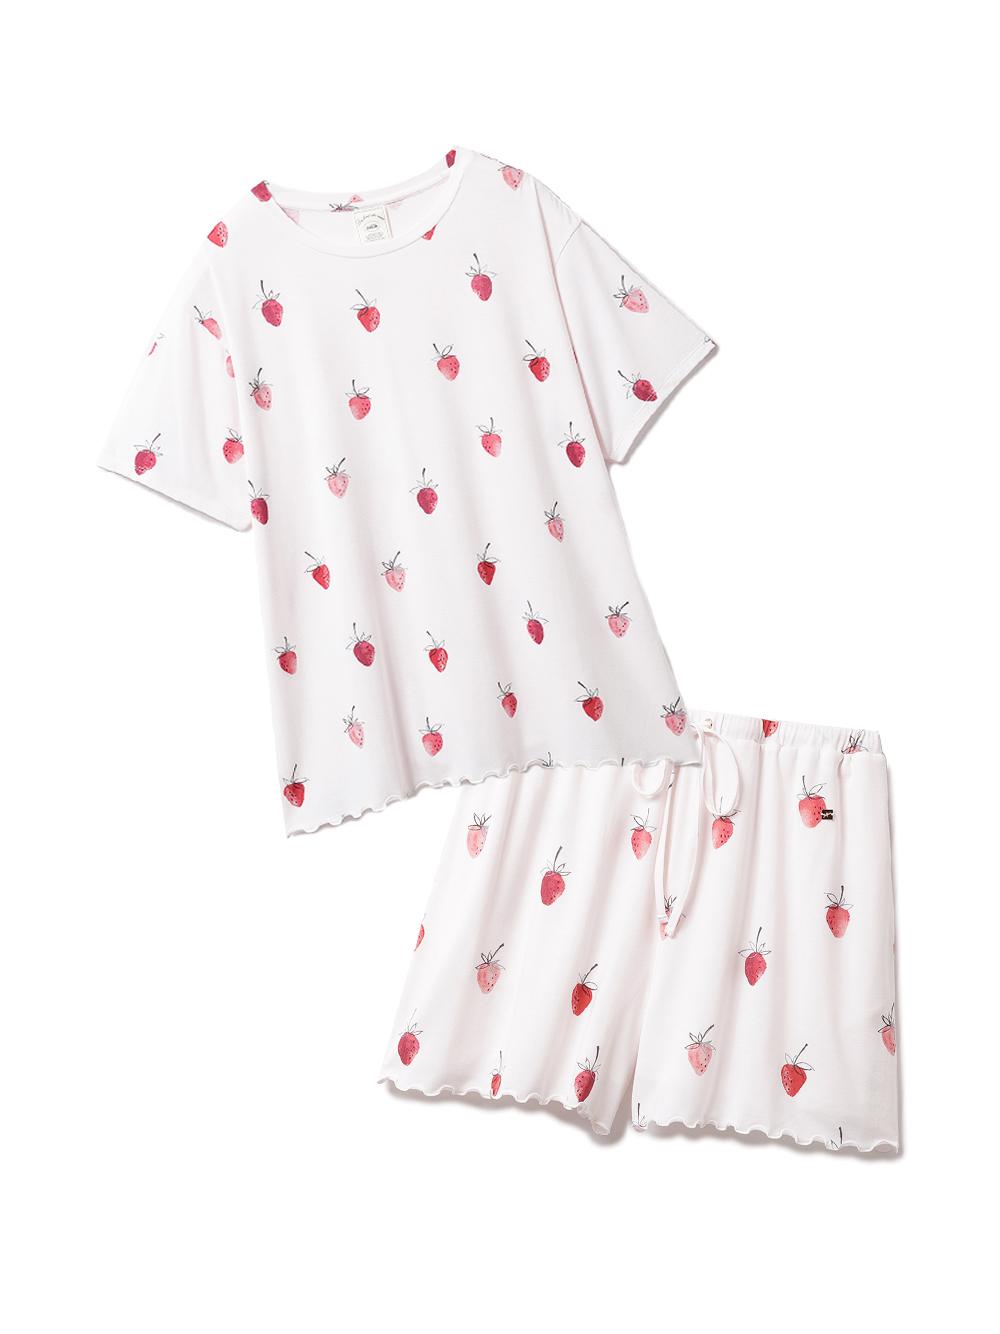 【ラッピング】ストロベリー柄Tシャツ&ショートパンツSET(PNK-F)